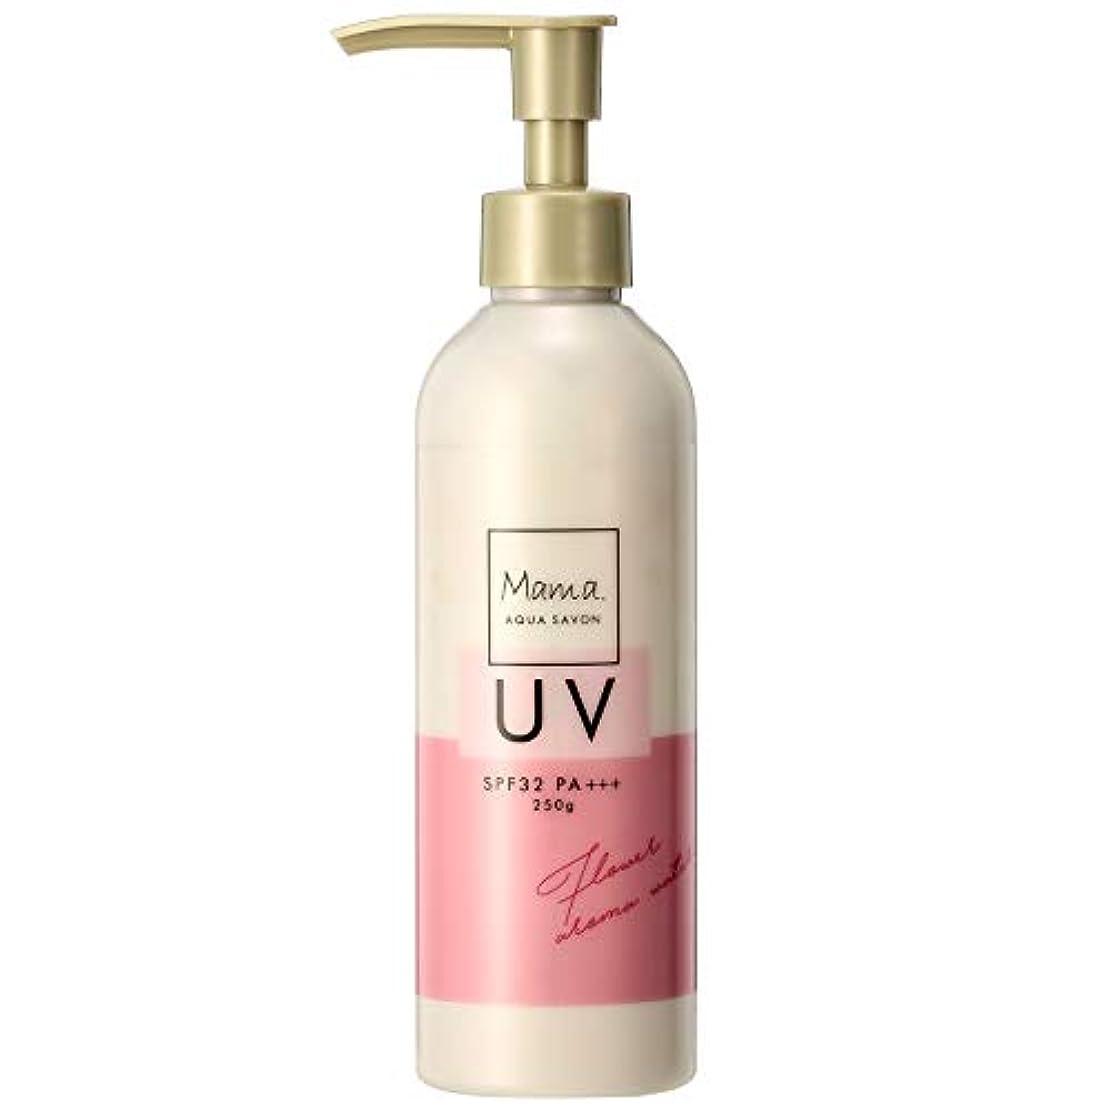 悪い刺繍酔うママアクアシャボン UVモイストジェル フラワーアロマウォーターの香り 19S 250g